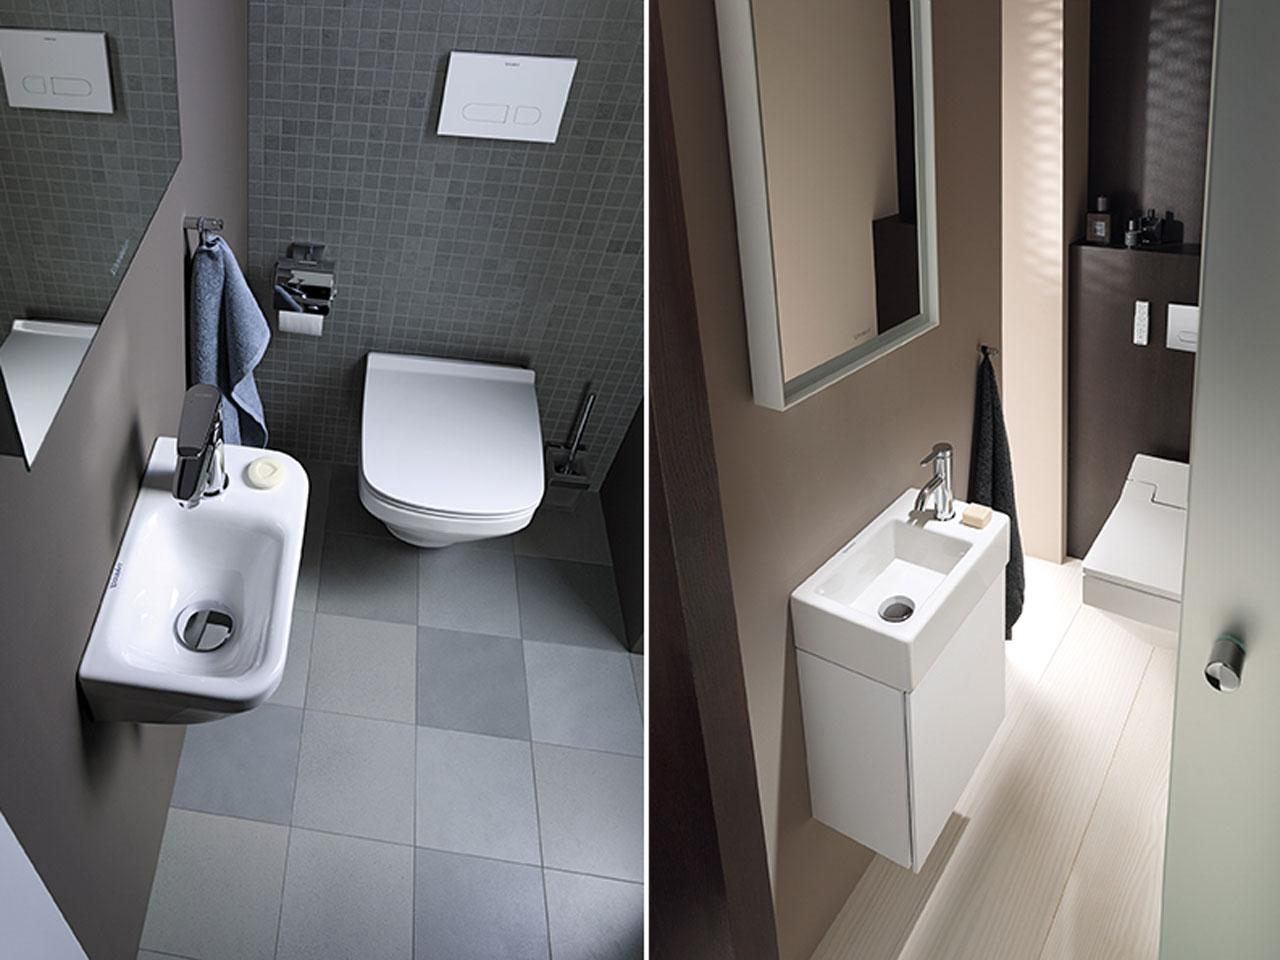 Bagnoidea prodotti e tendenze per arredare il bagno - Prodotti per il bagno ...